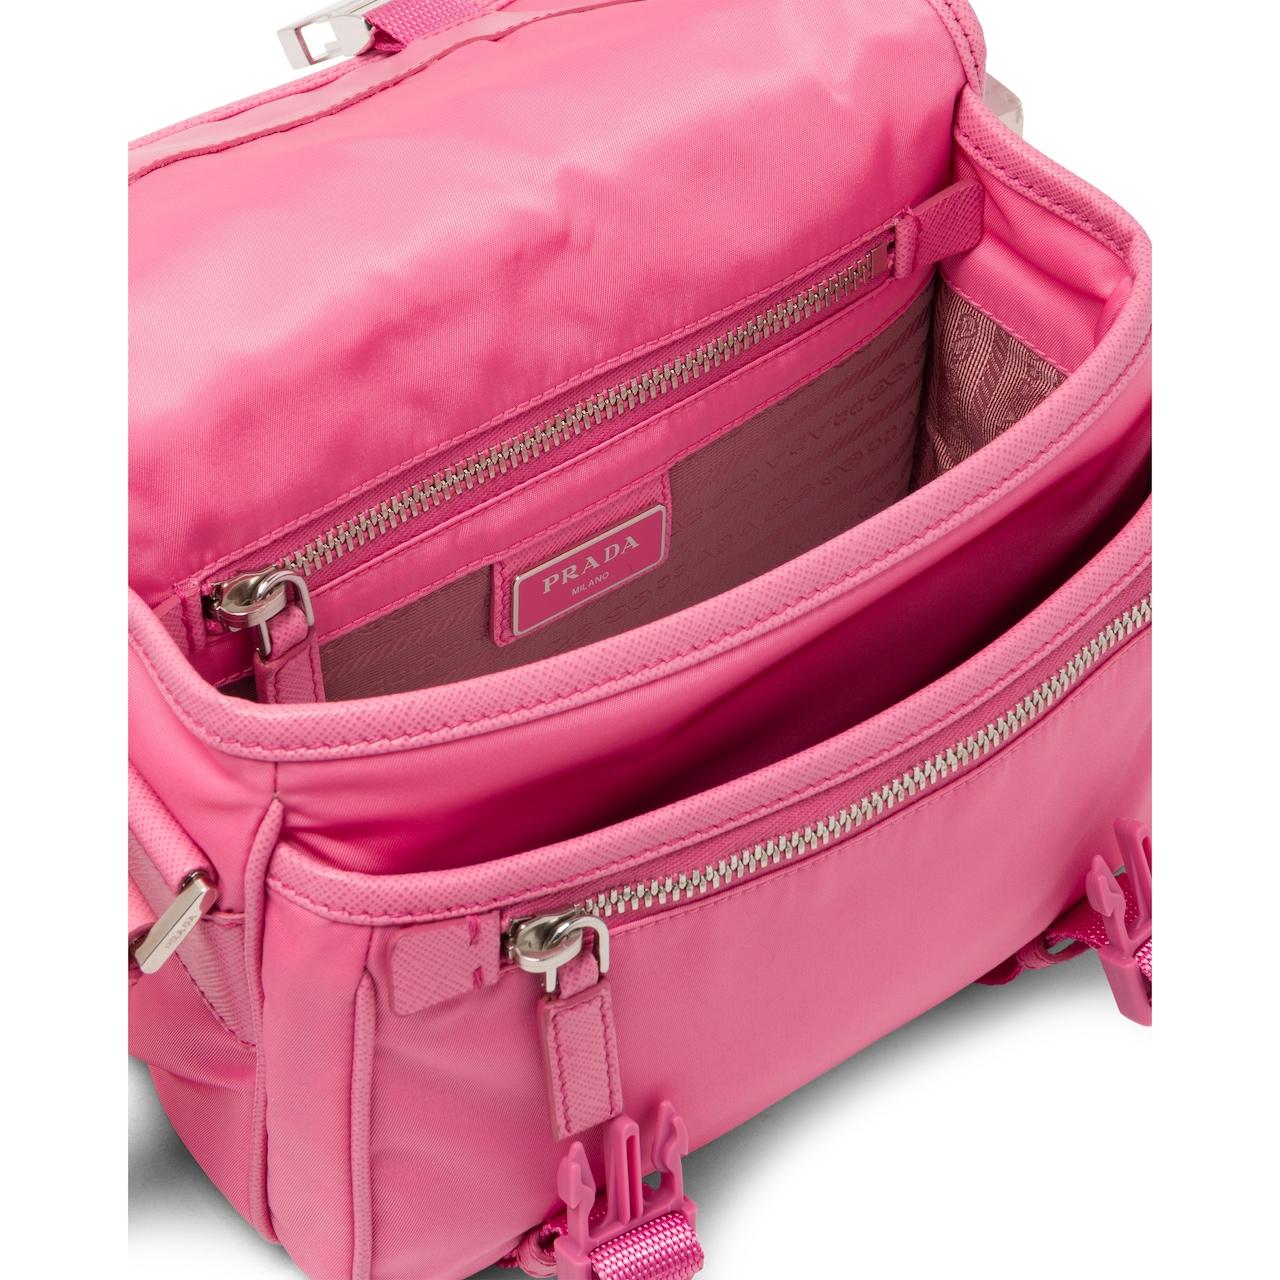 Prada Nylon and Saffiano leather shoulder bag 5